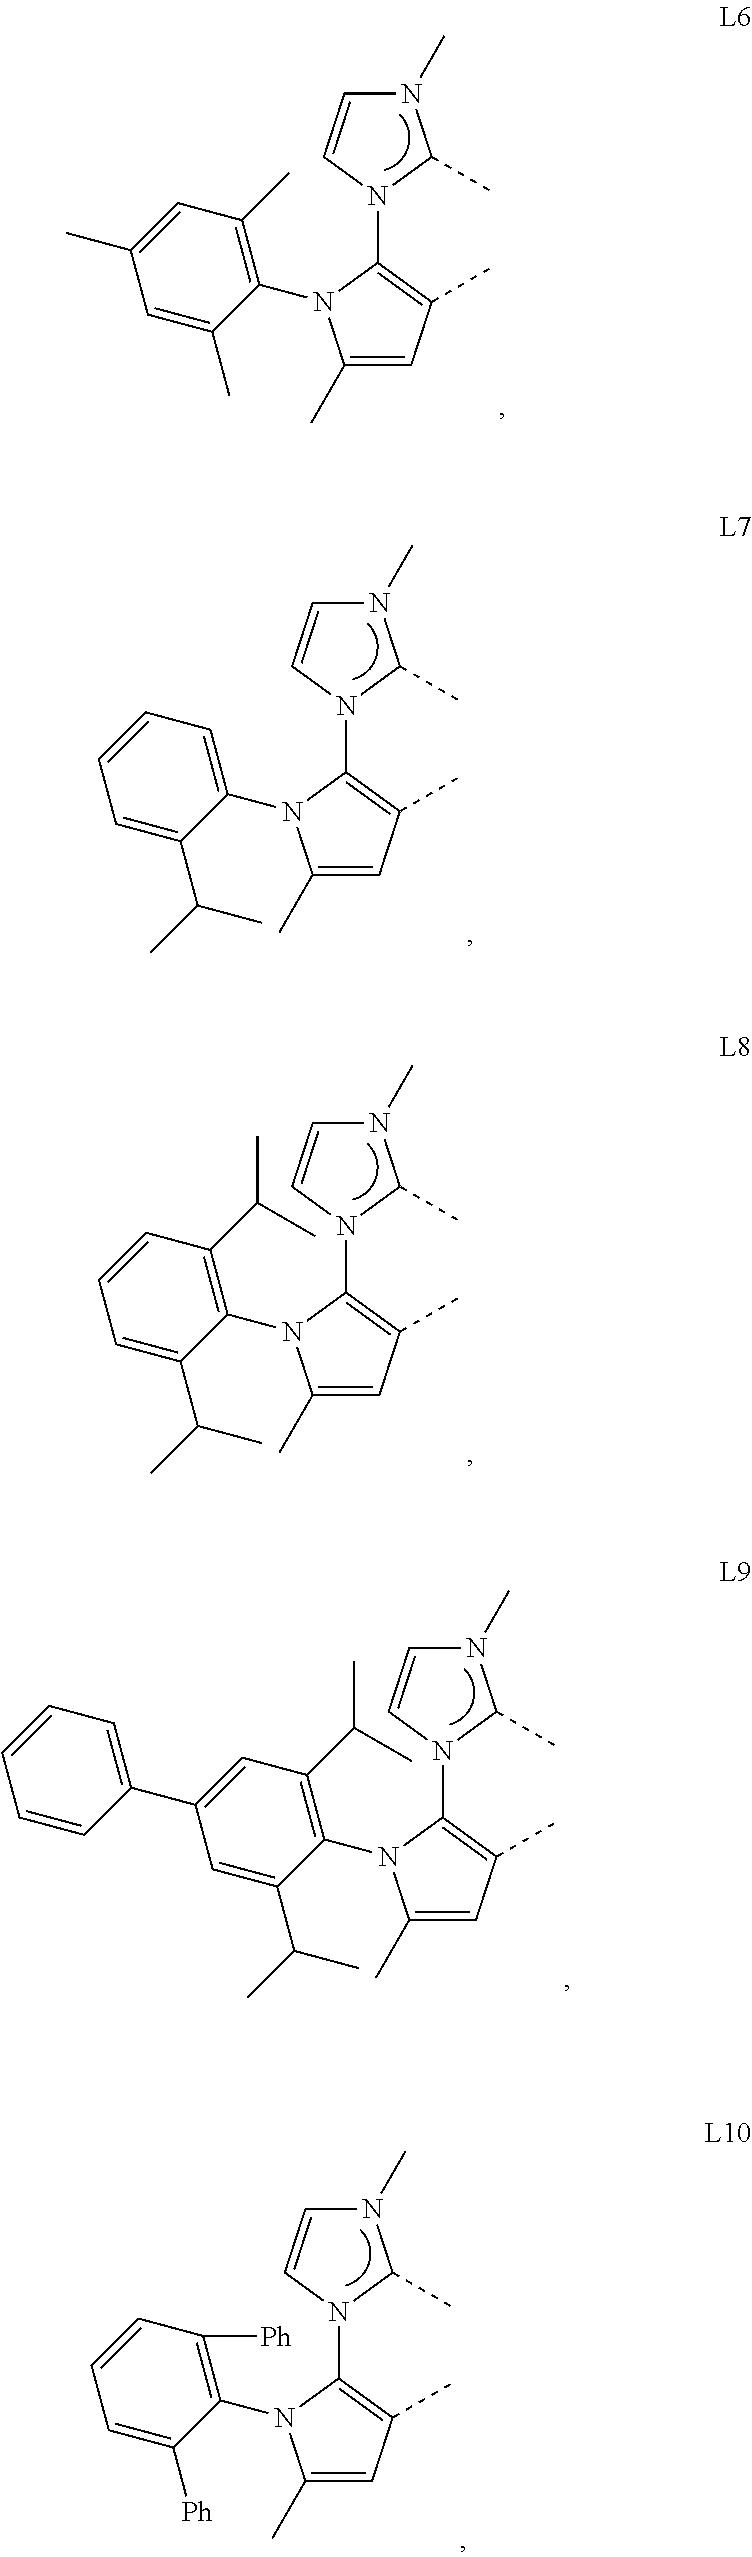 Figure US09935277-20180403-C00006